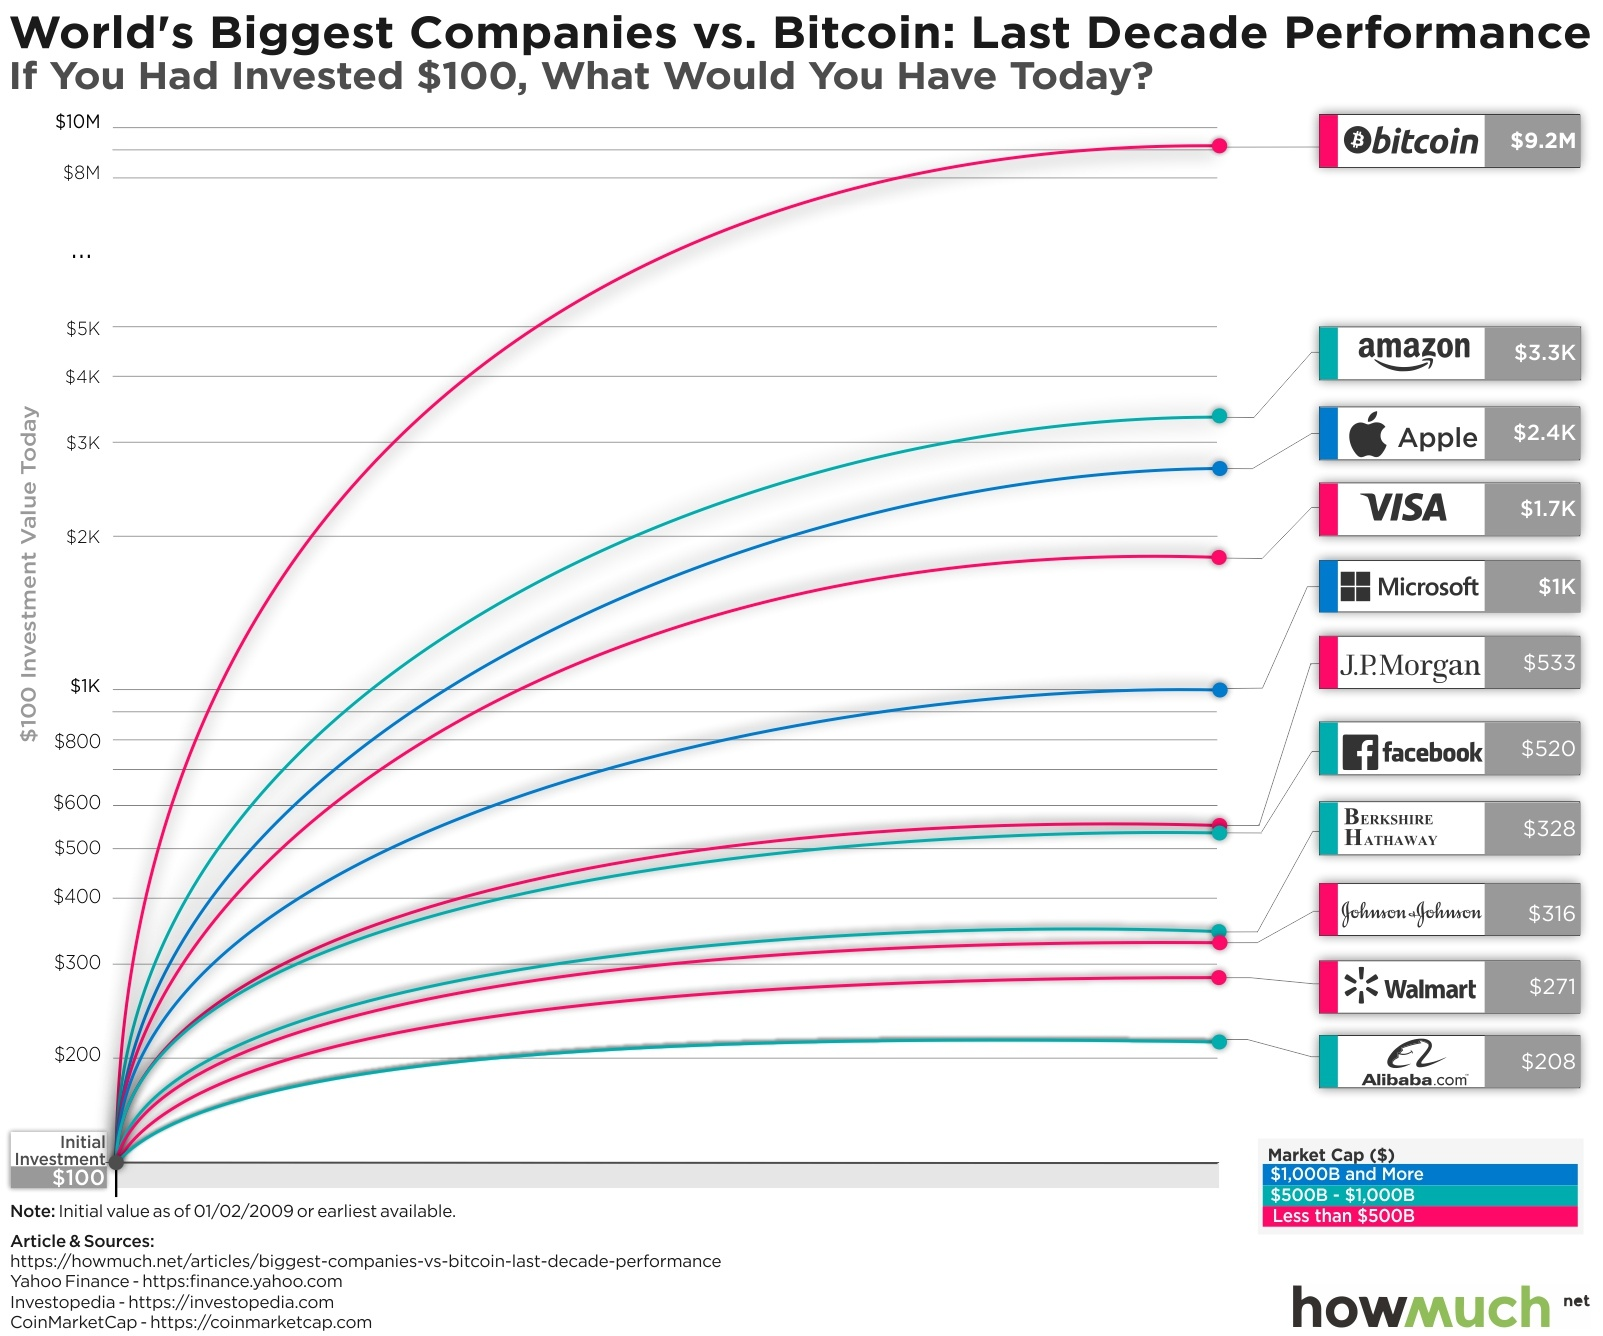 cum poți câștiga traiul într- o casă privată cei mai buni mineri bitcoin 2021